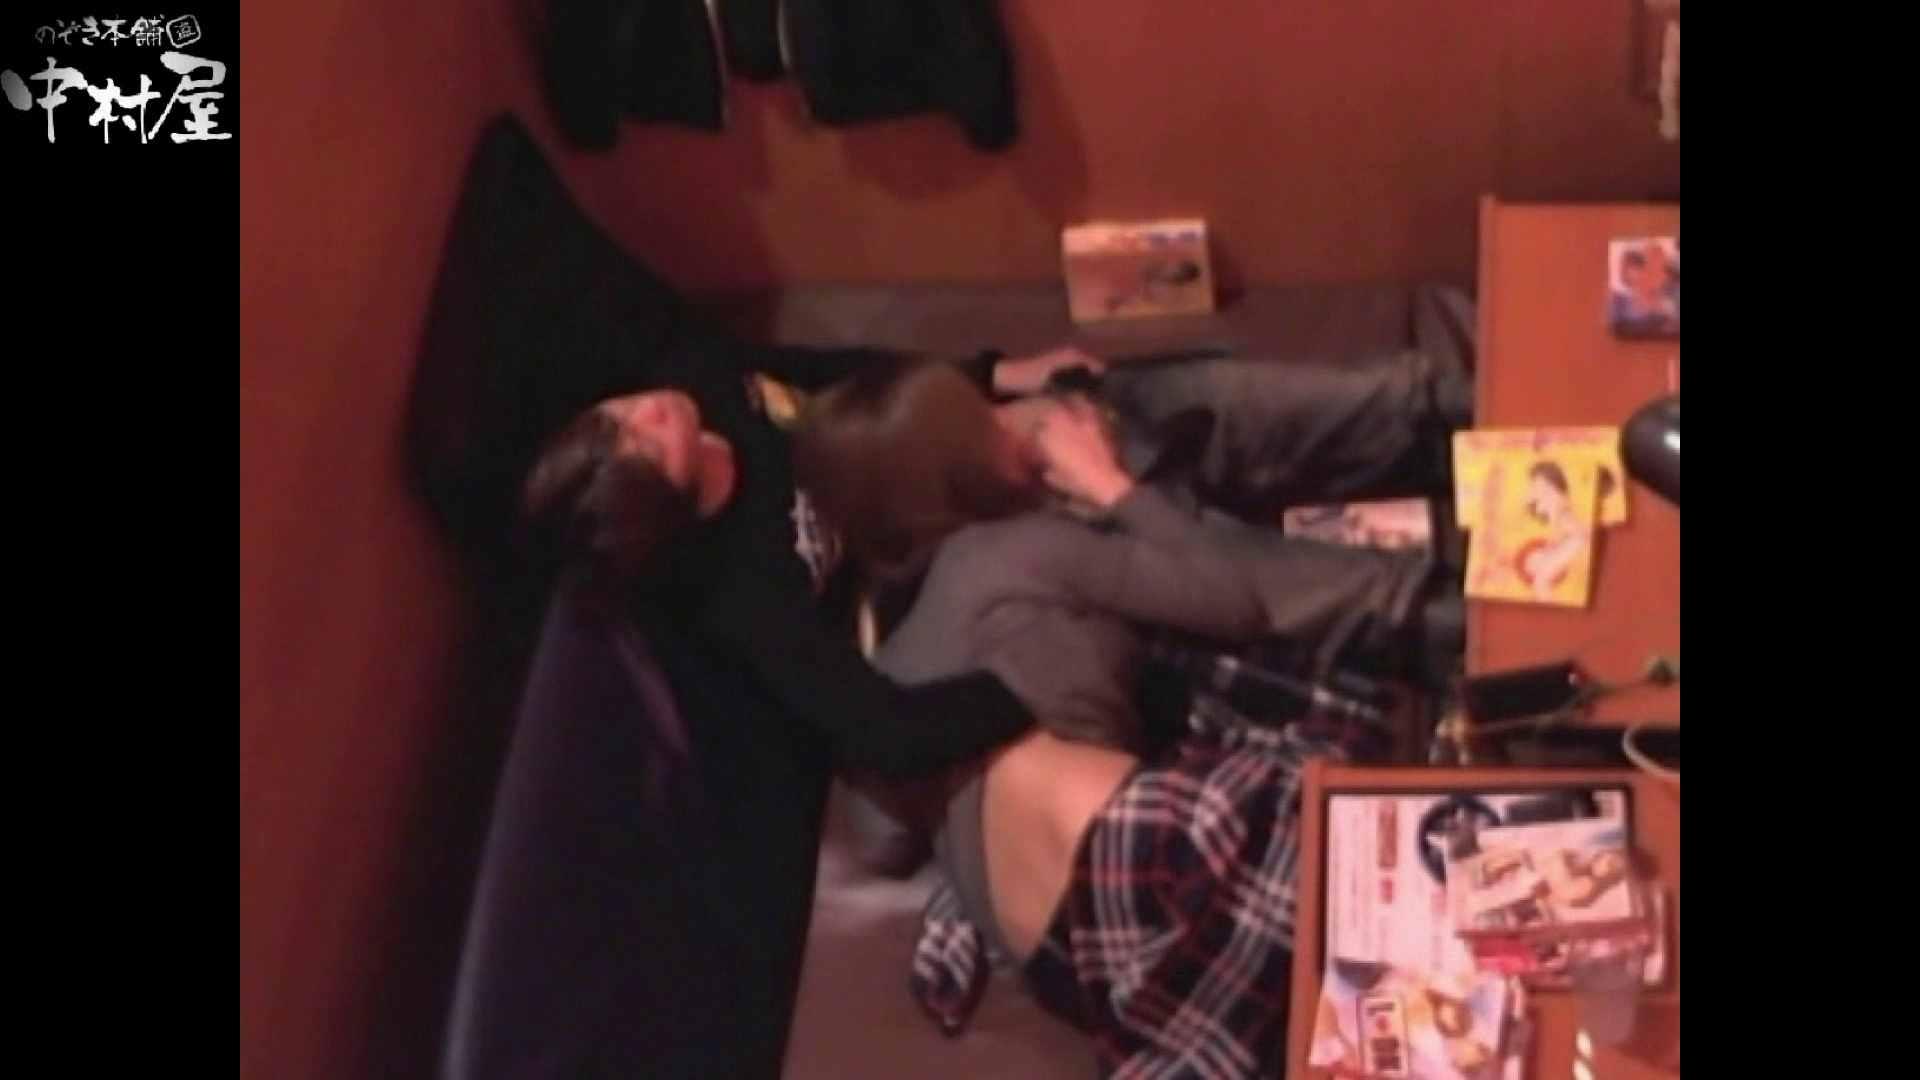 ネットカフェ盗撮師トロントさんの 素人カップル盗撮記vol.2 フェラ セックス無修正動画無料 70枚 37